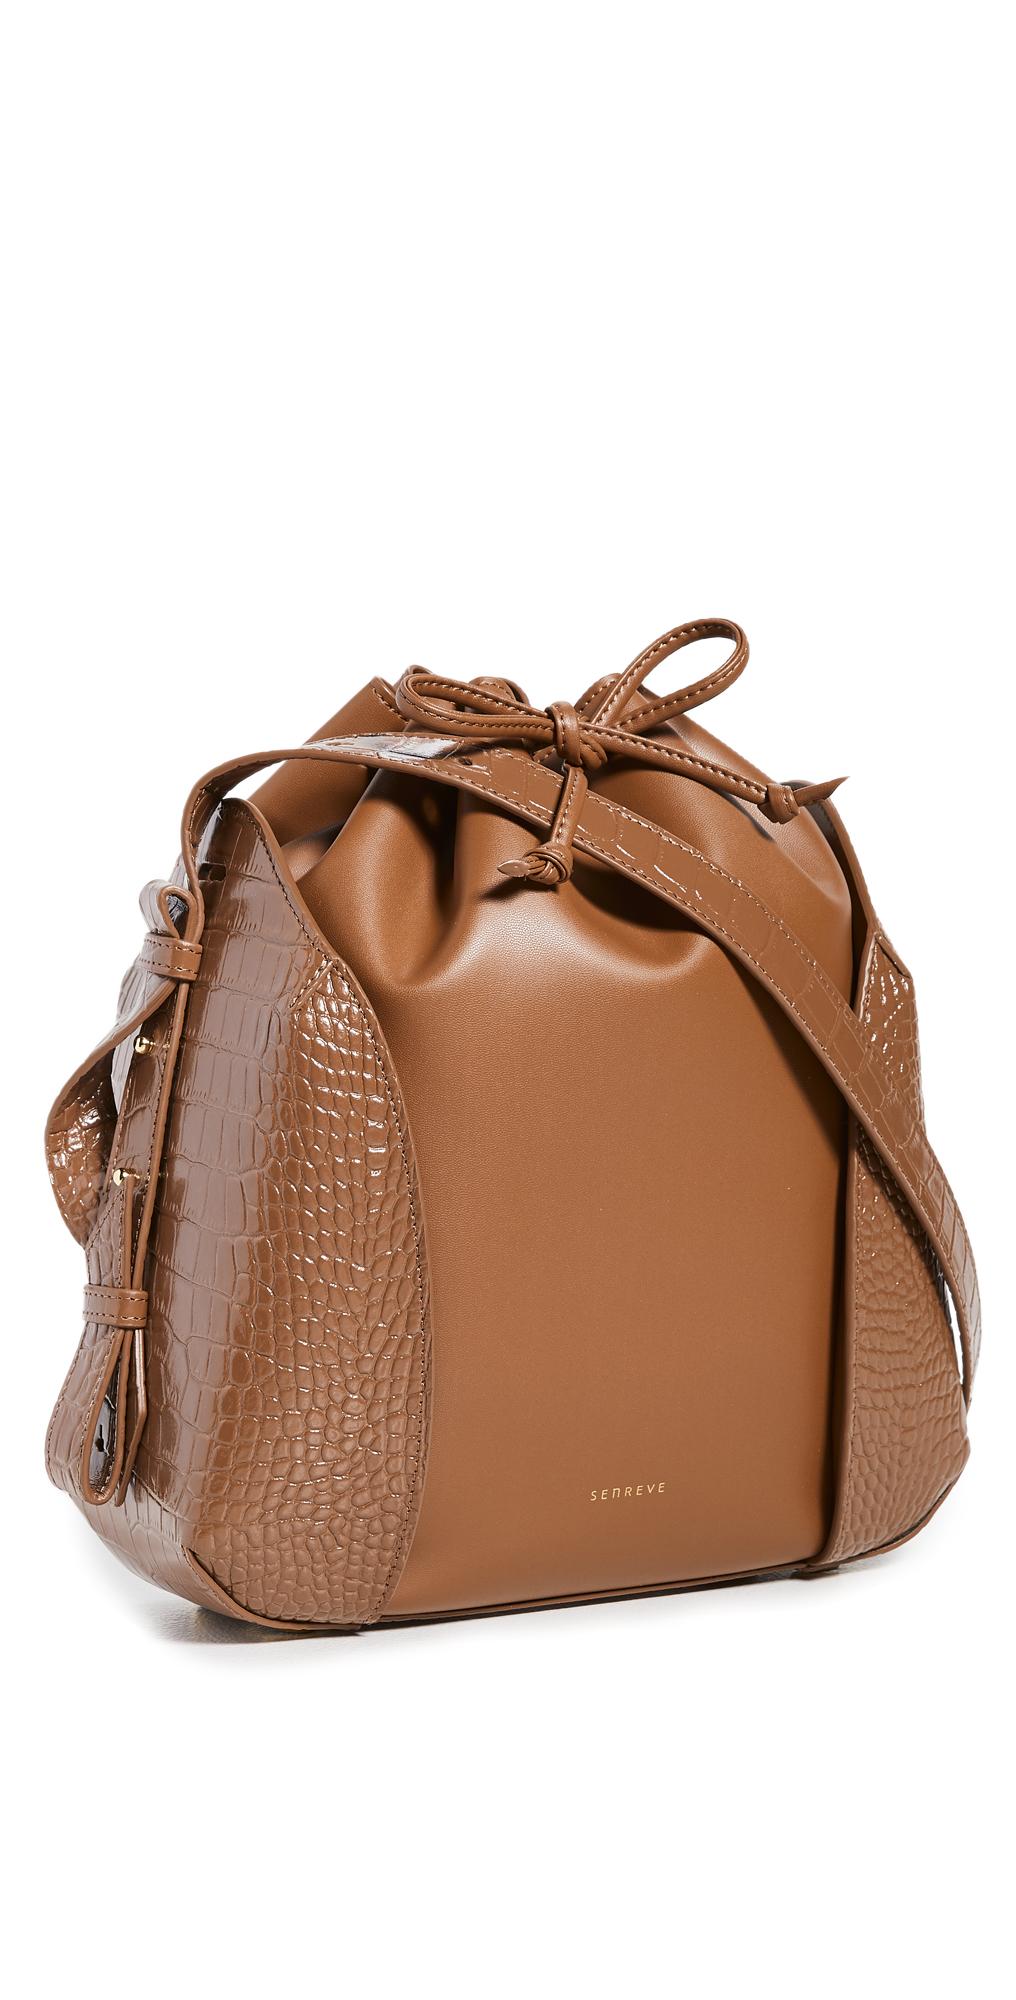 Senreve Fiore Bucket Bag